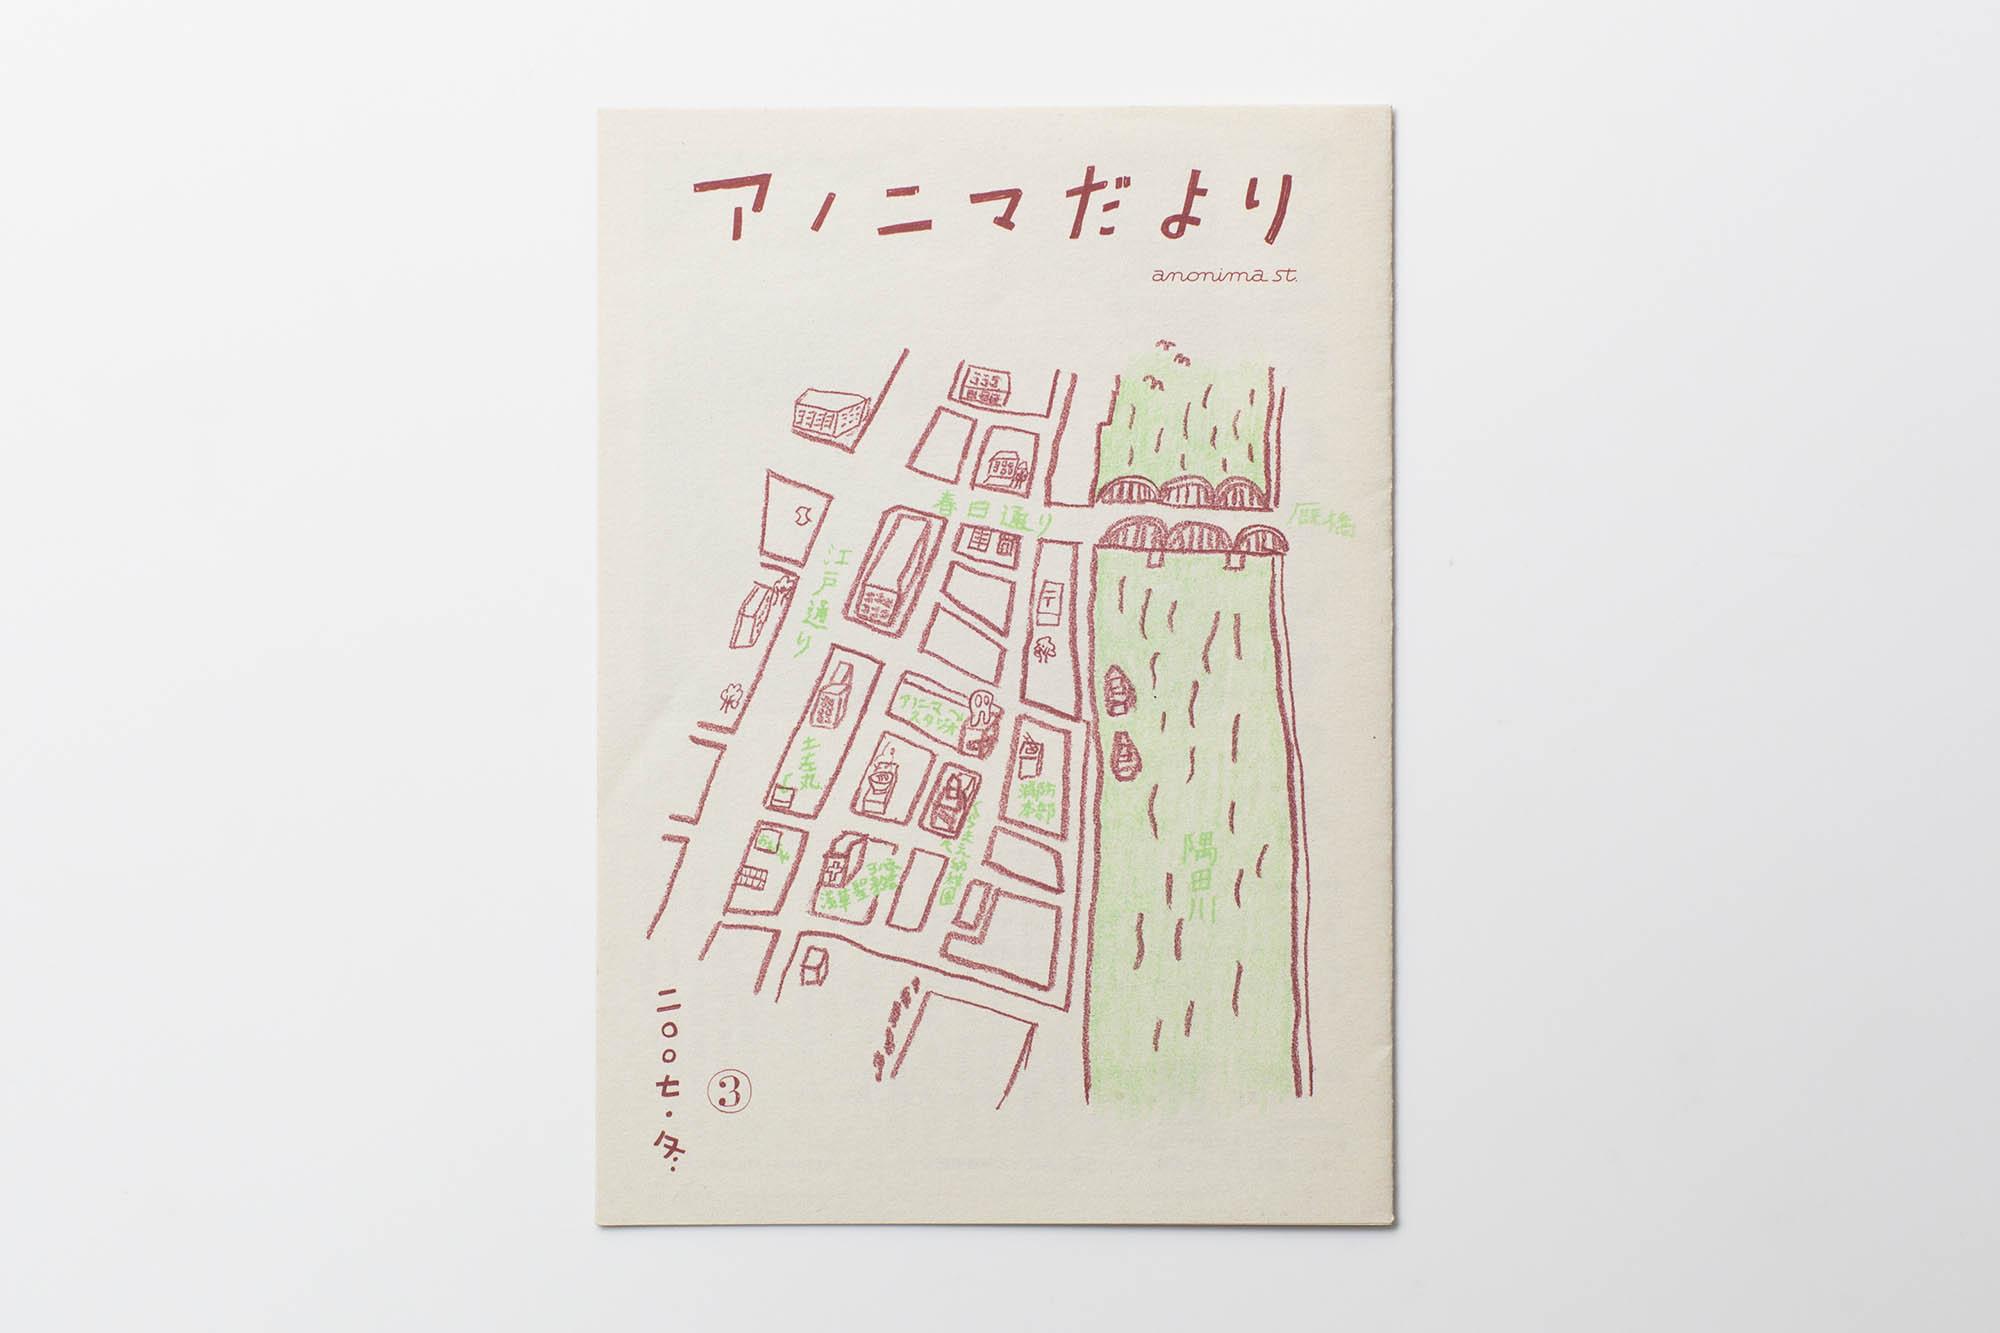 leaflet_DM_140